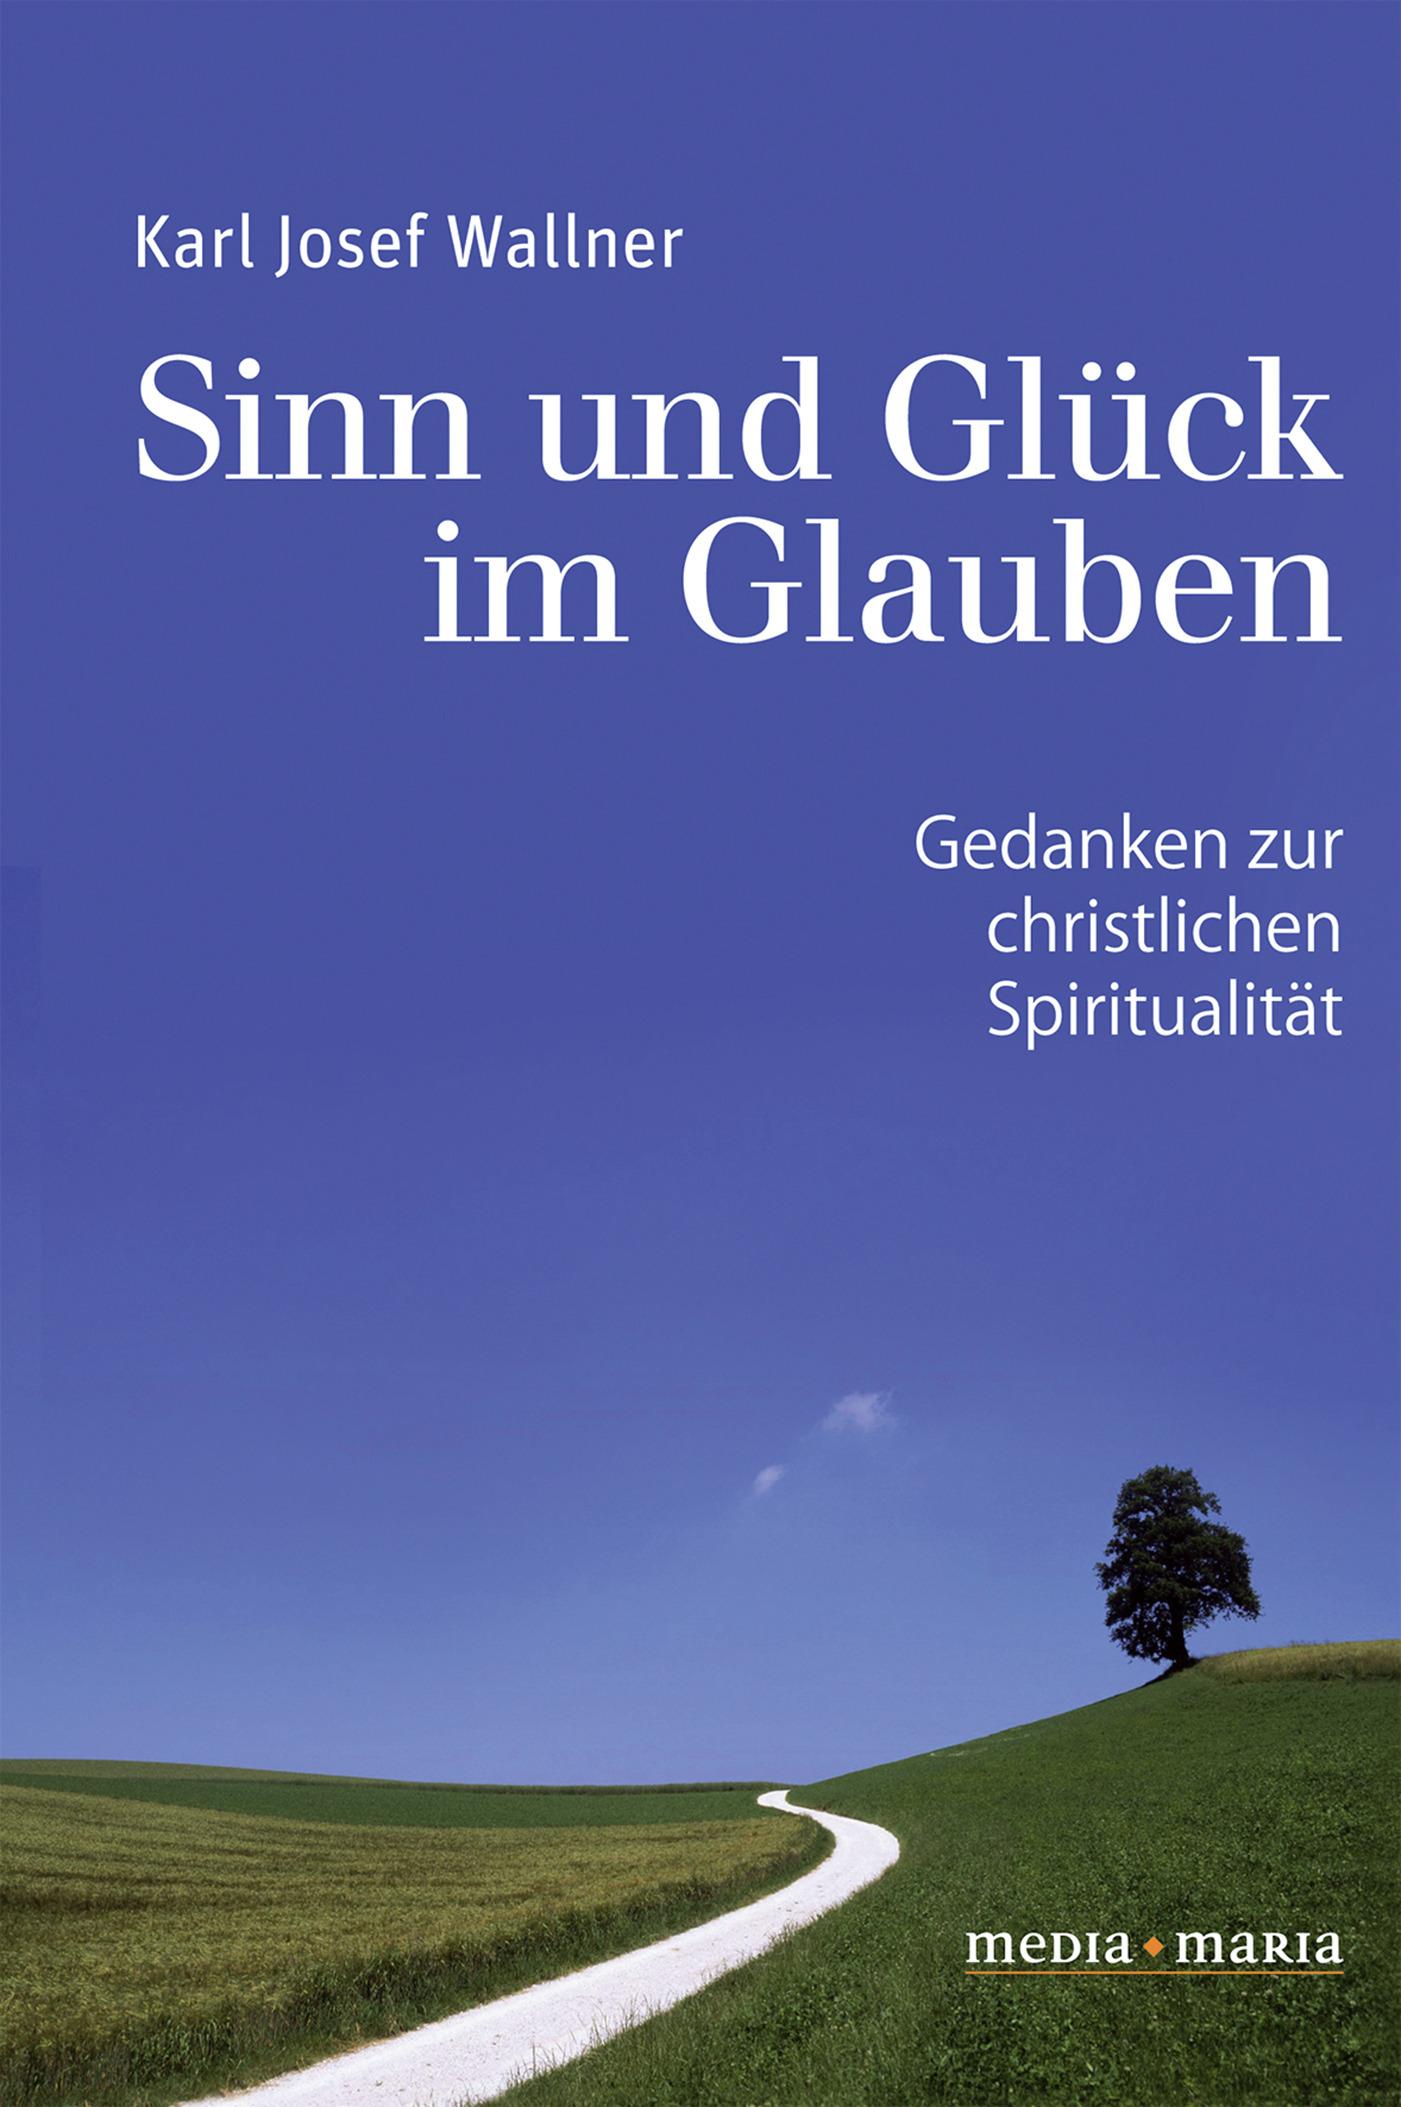 Karl Josef Wallner Sinn und Glück im Glauben